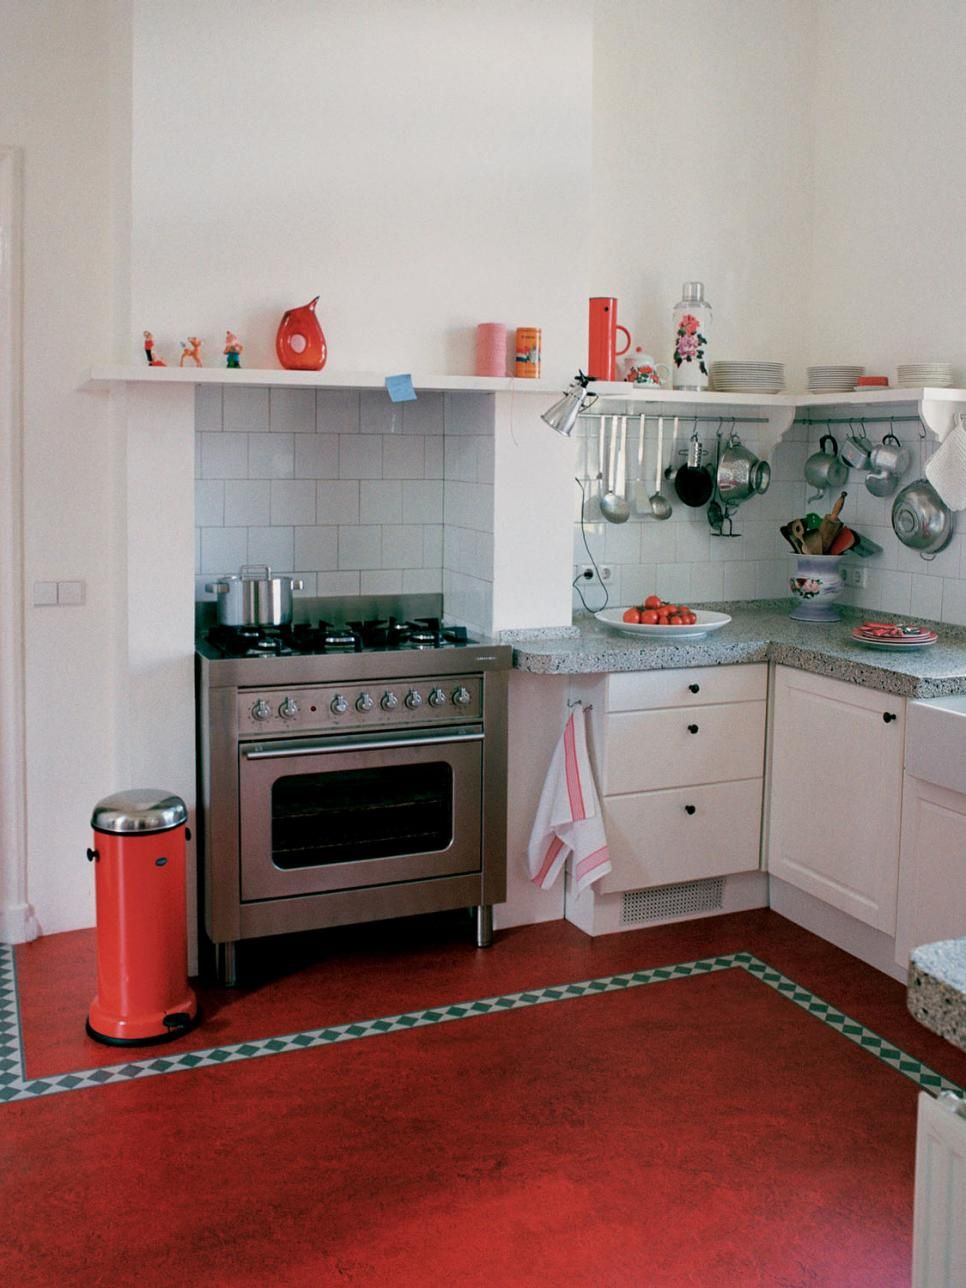 Linoleum Kitchen Floors Kitchen Flooring Linoleum Kitchen Floors Linoleum Flooring